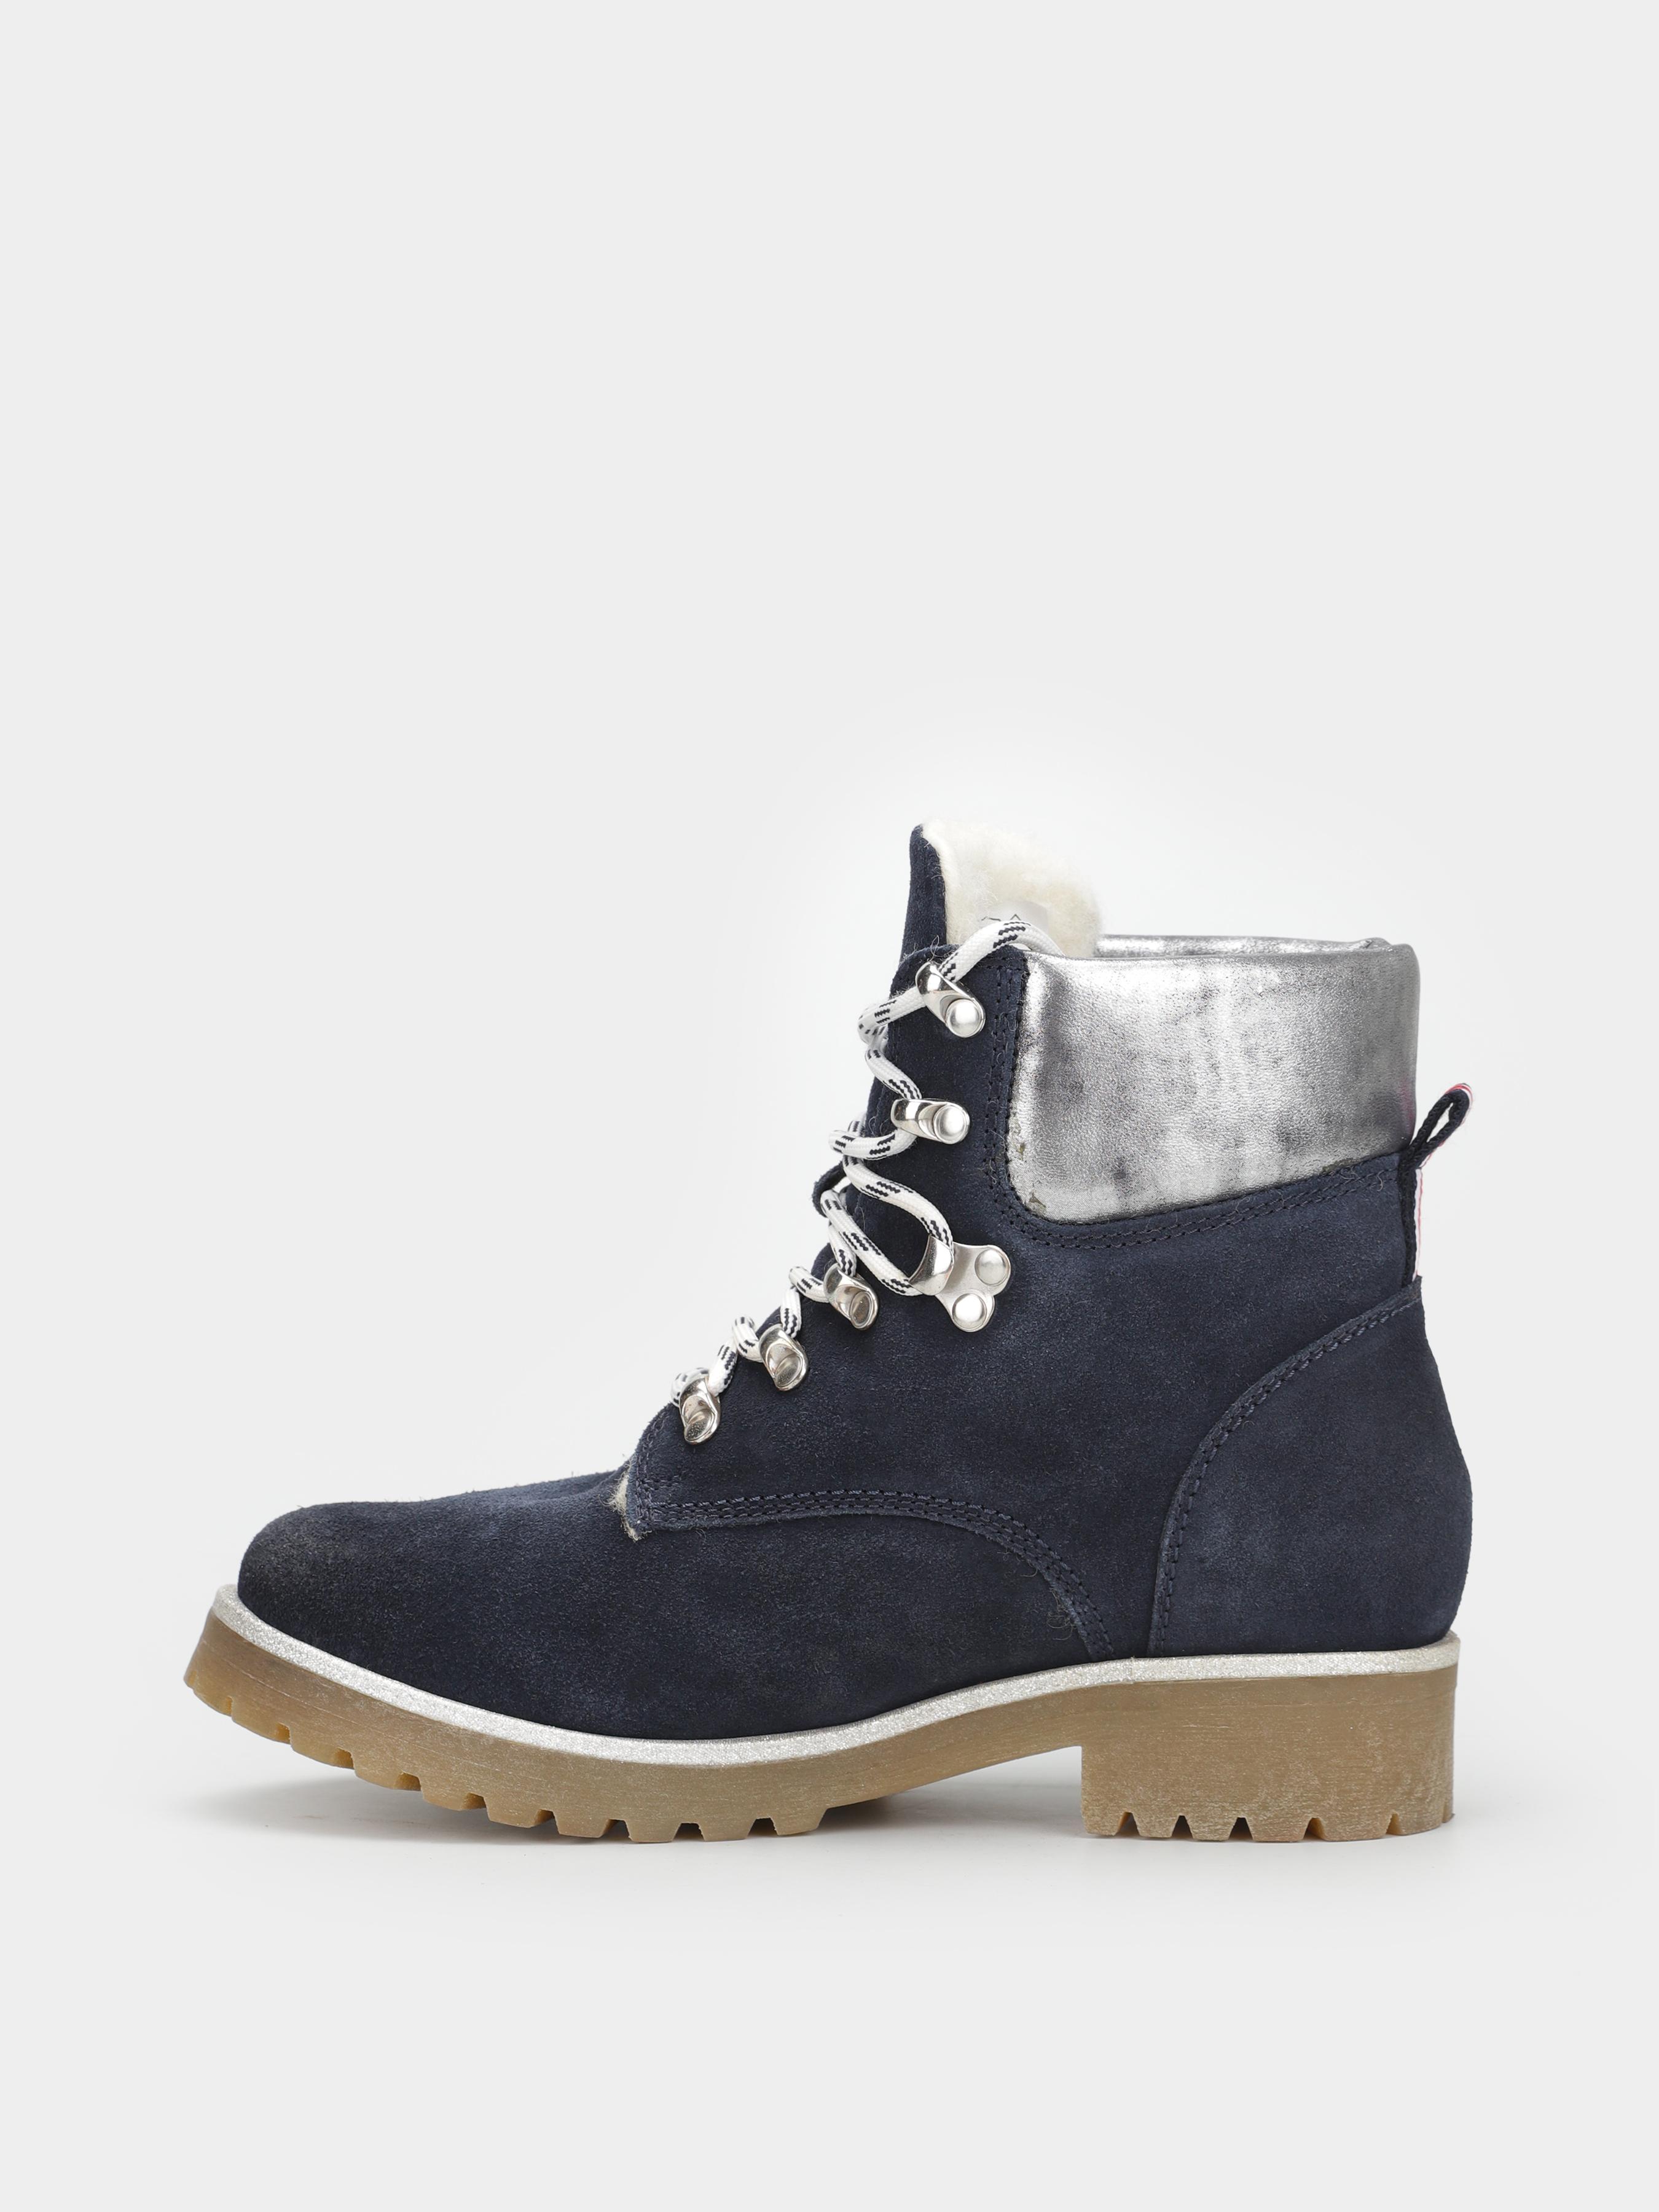 Ботинки для женщин S.Oliver 8W74 размерная сетка обуви, 2017